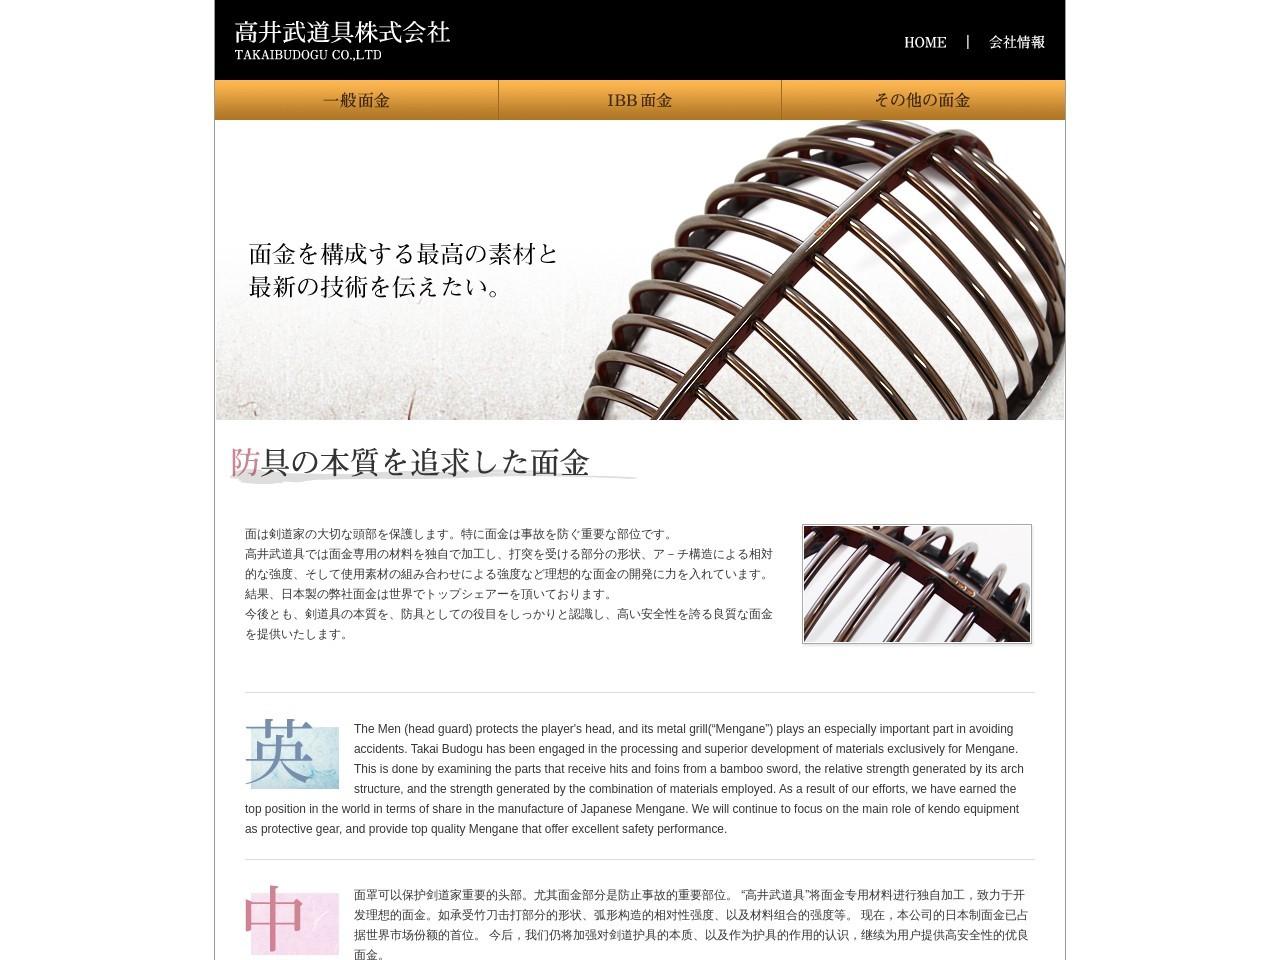 高井武道具株式会社